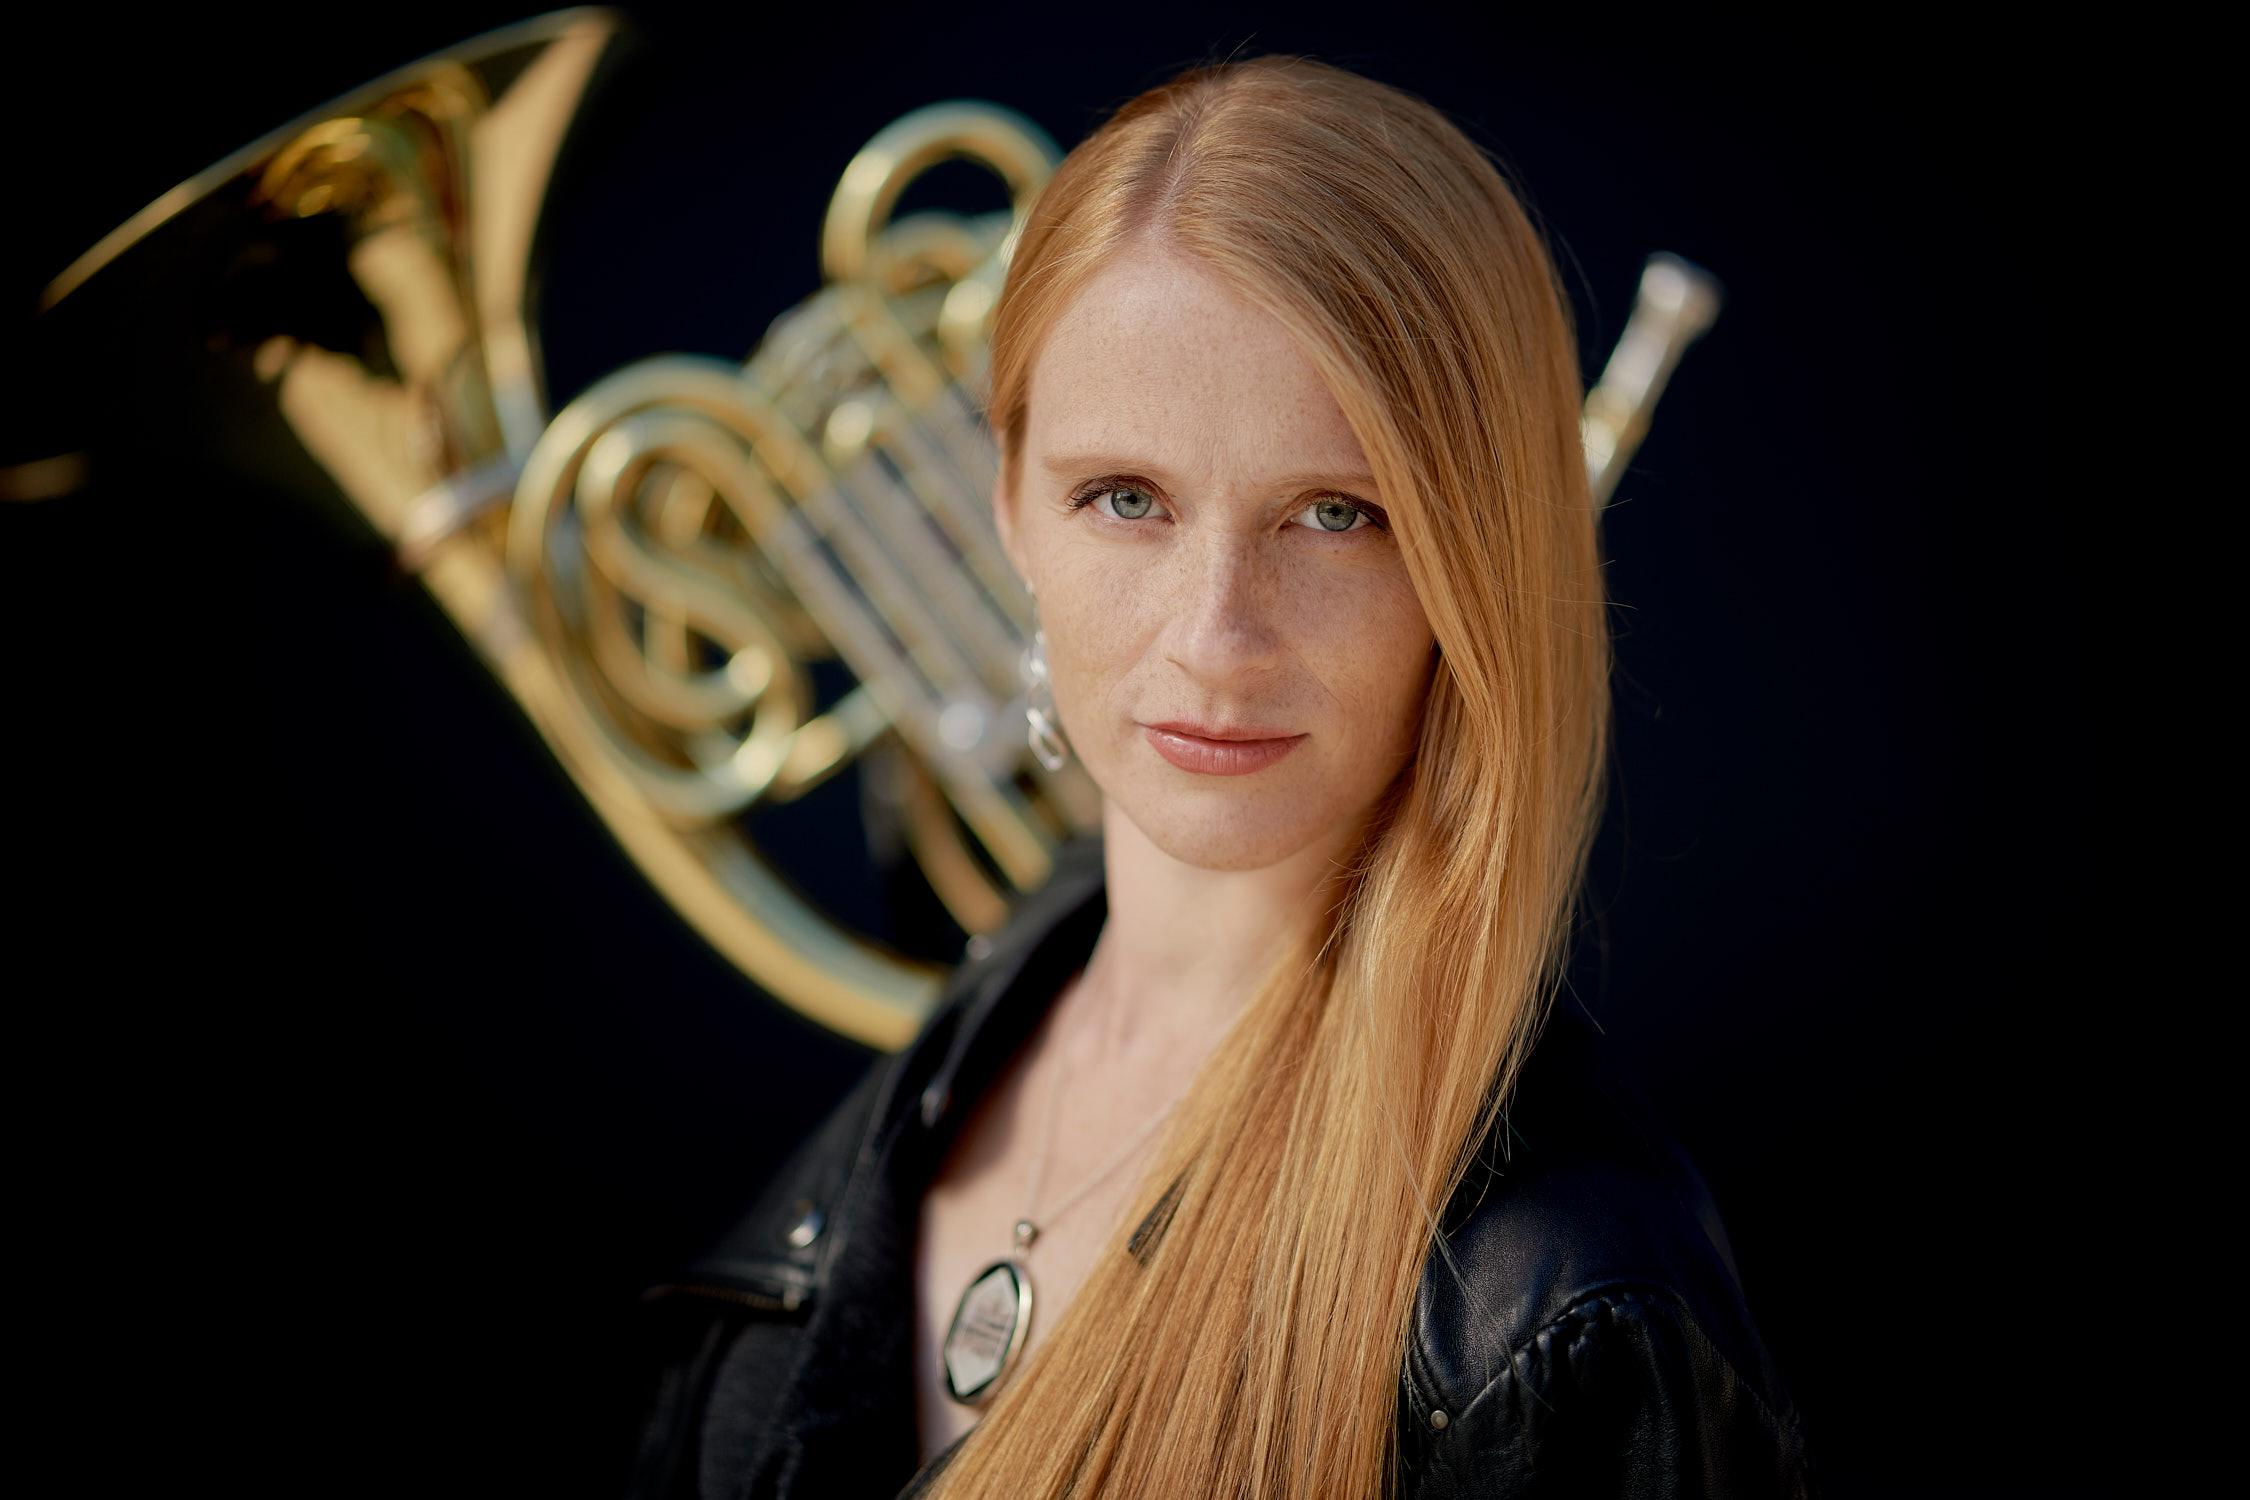 Arundos Quintett Bläserensemble fotografiert von Christian Palm Lisa Rogers musicphotography